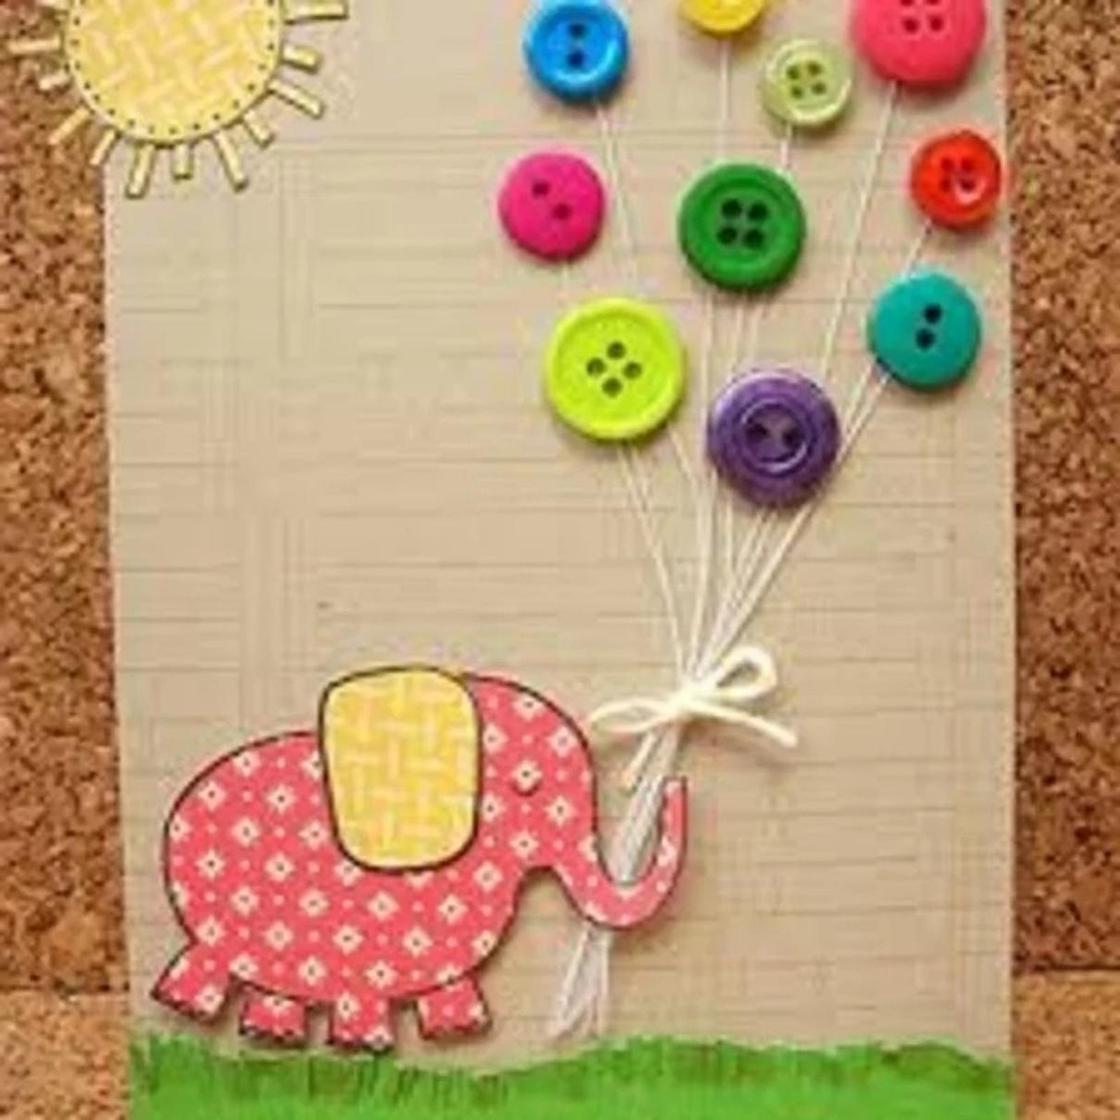 Красивые открытки с днем рождения своими руками